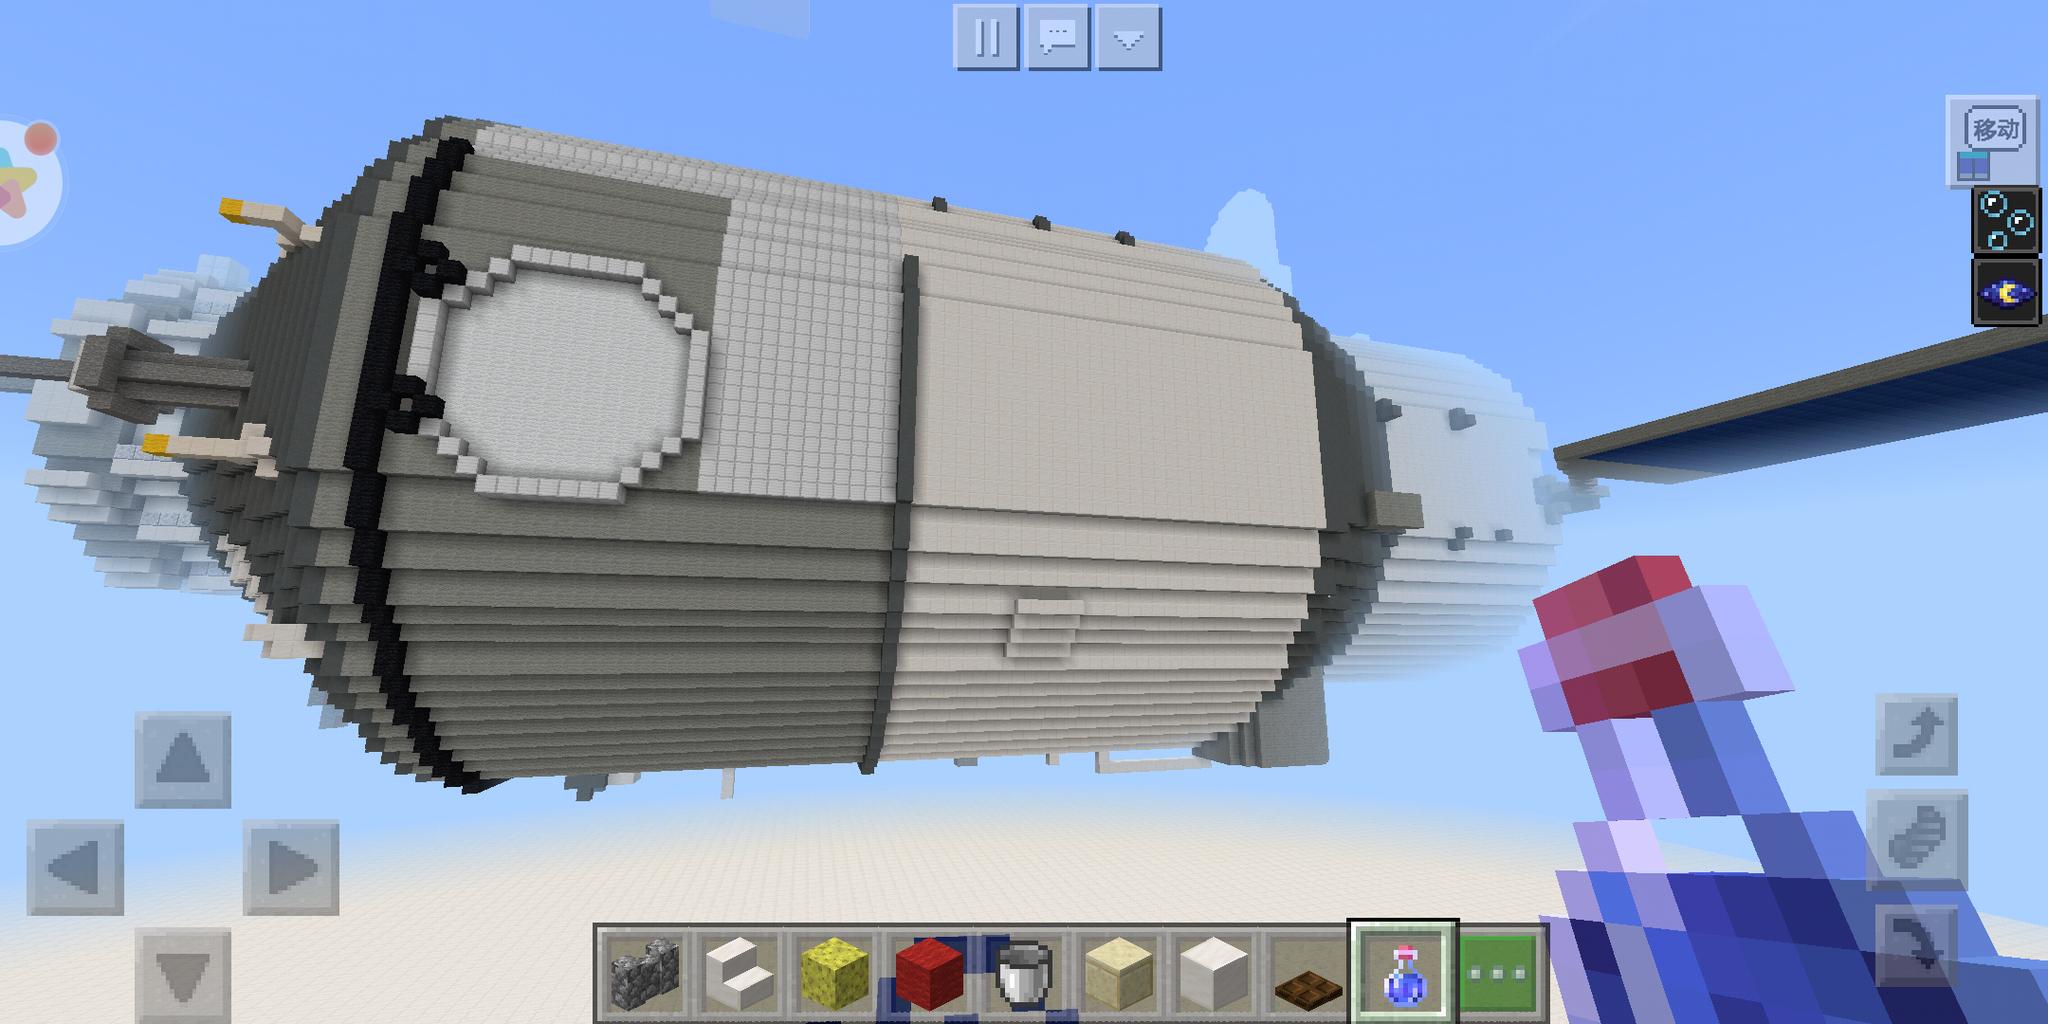 我的世界大神建造天宫二号,完美还原空间实验室,评分高达4.4